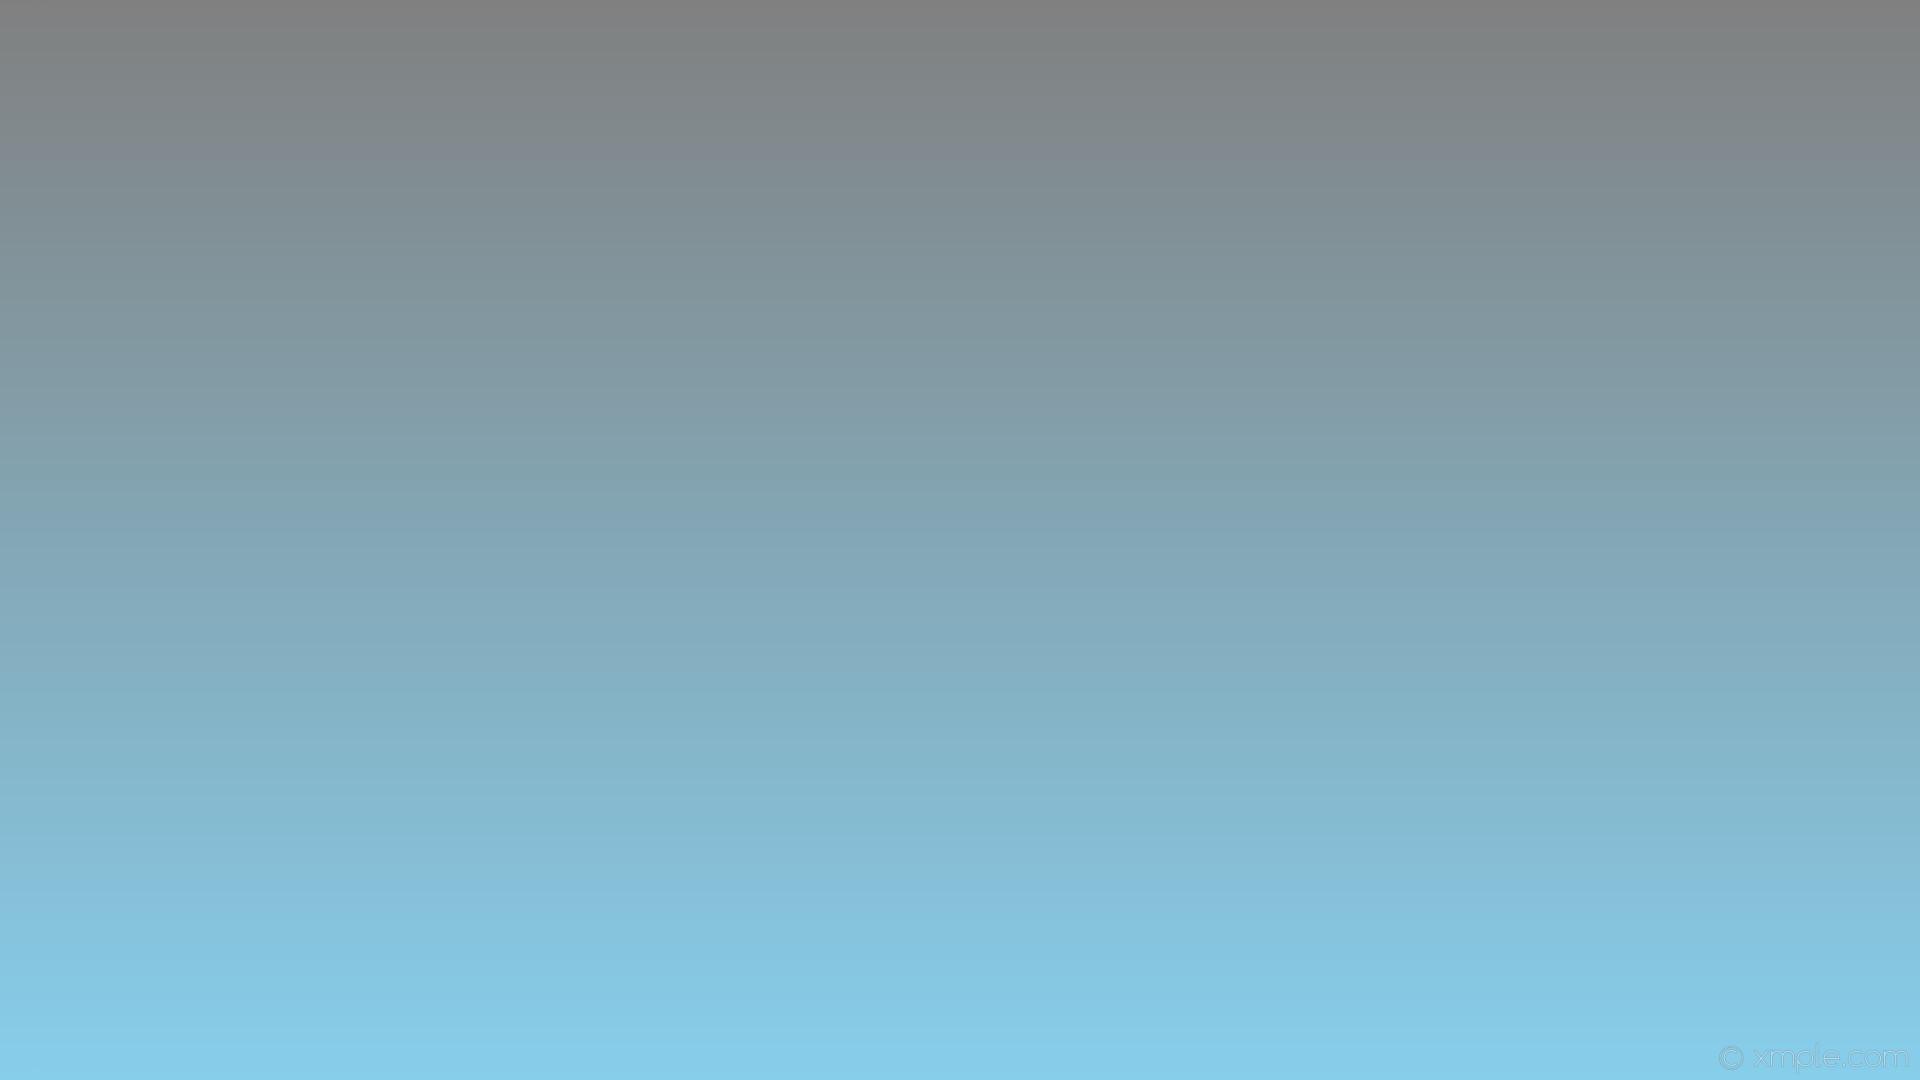 wallpaper blue grey gradient linear sky blue gray #87ceeb #808080 270°